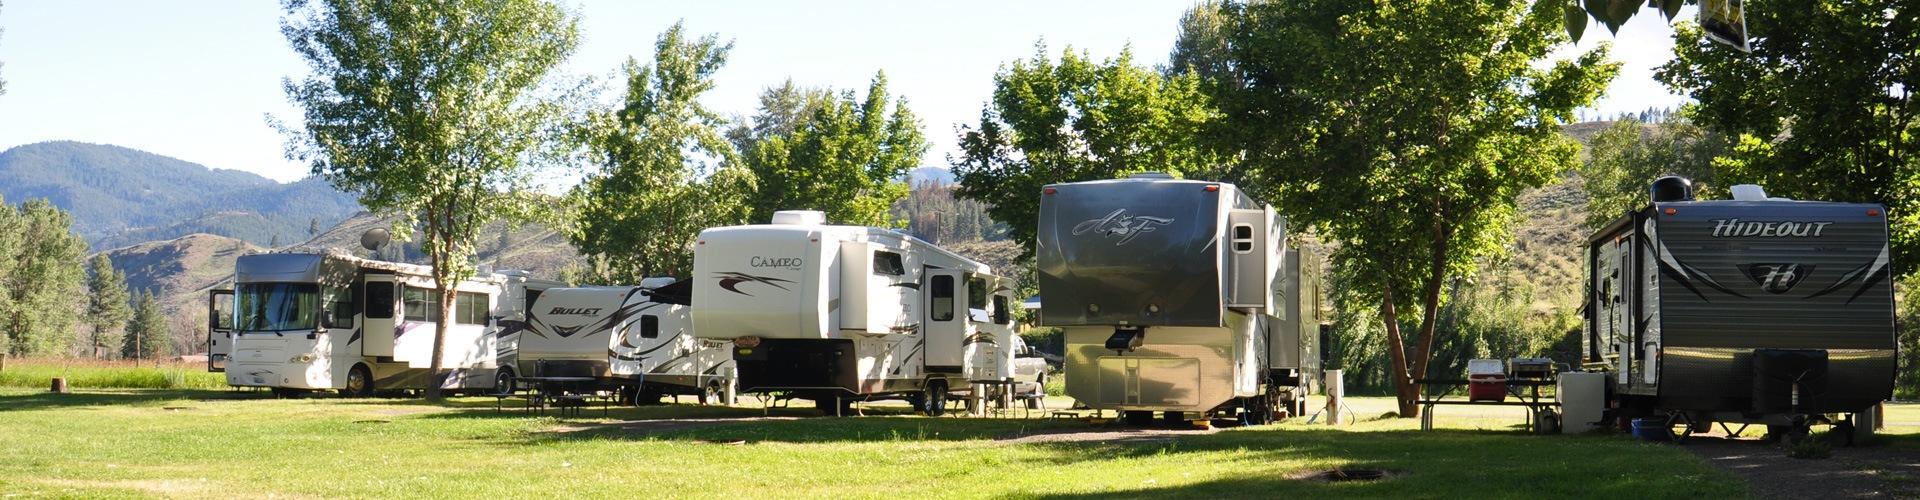 camping-twisp-wa